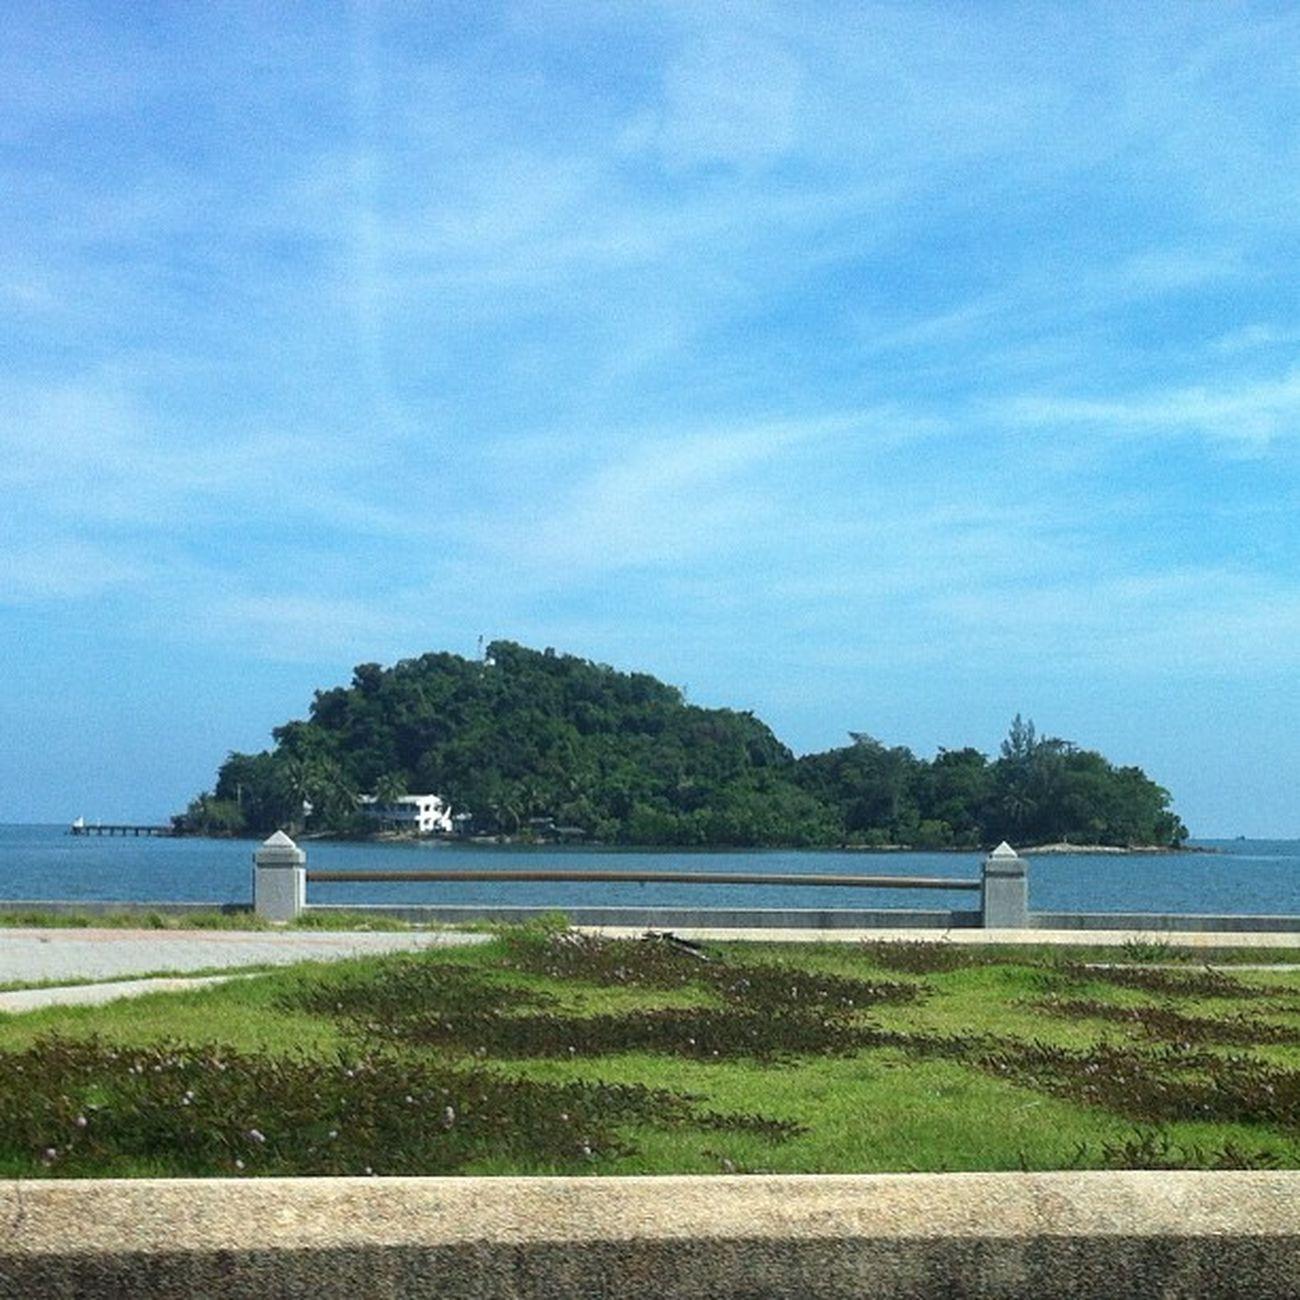 เกาะมัตโพน...เวลาน้ำลดสามารถเดินข้ามไปได้เลย 👍